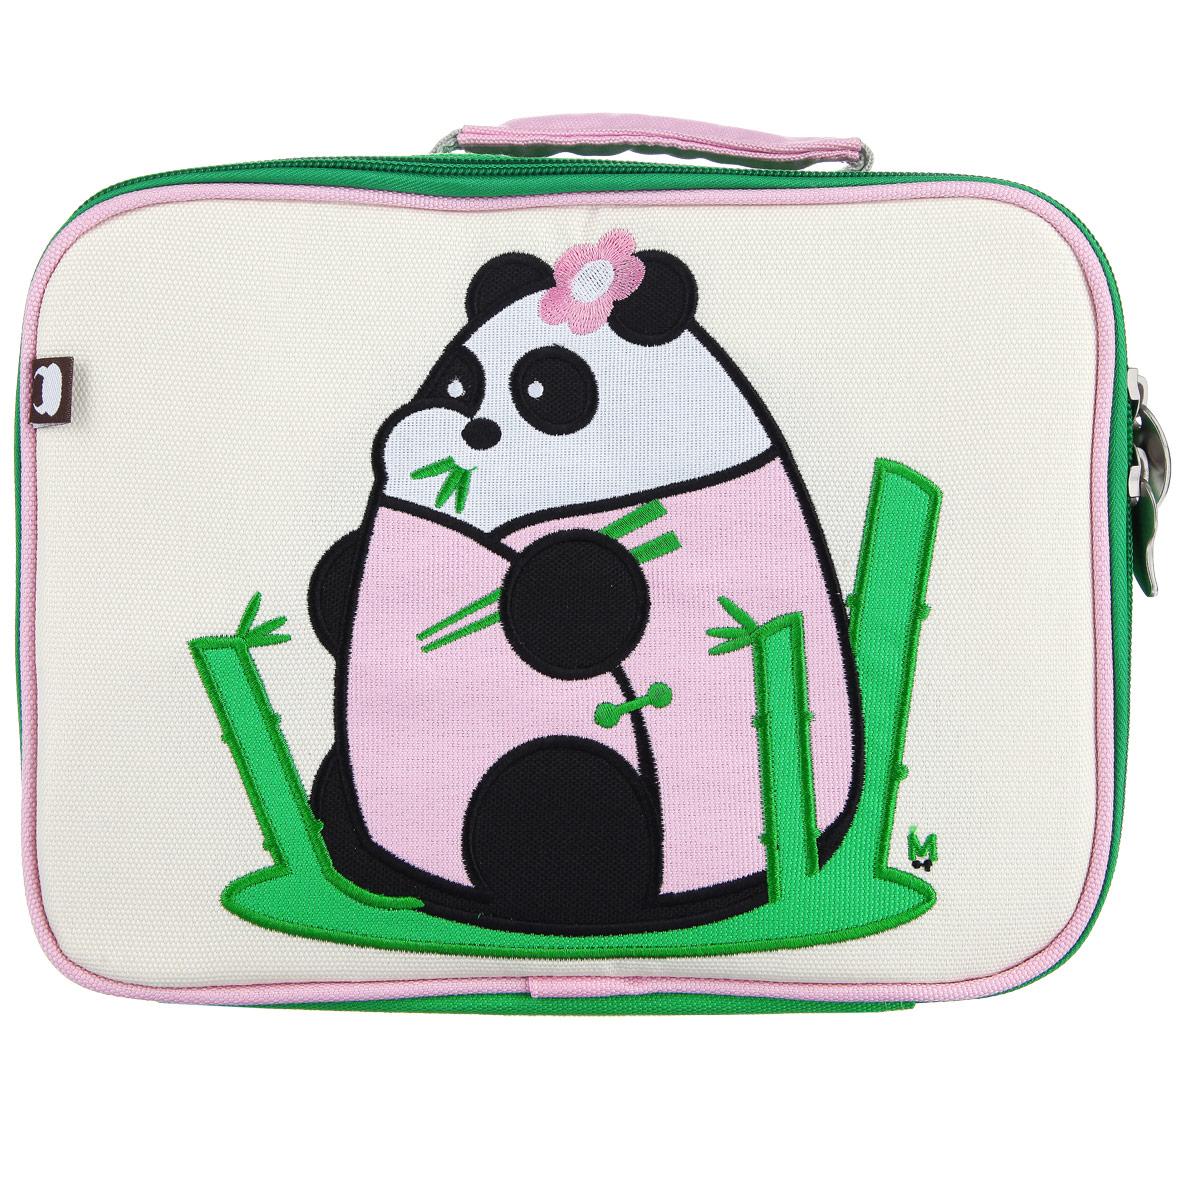 Ланч-Бокс Fei - Fei, цвет: зеленый, розовый, бежевый